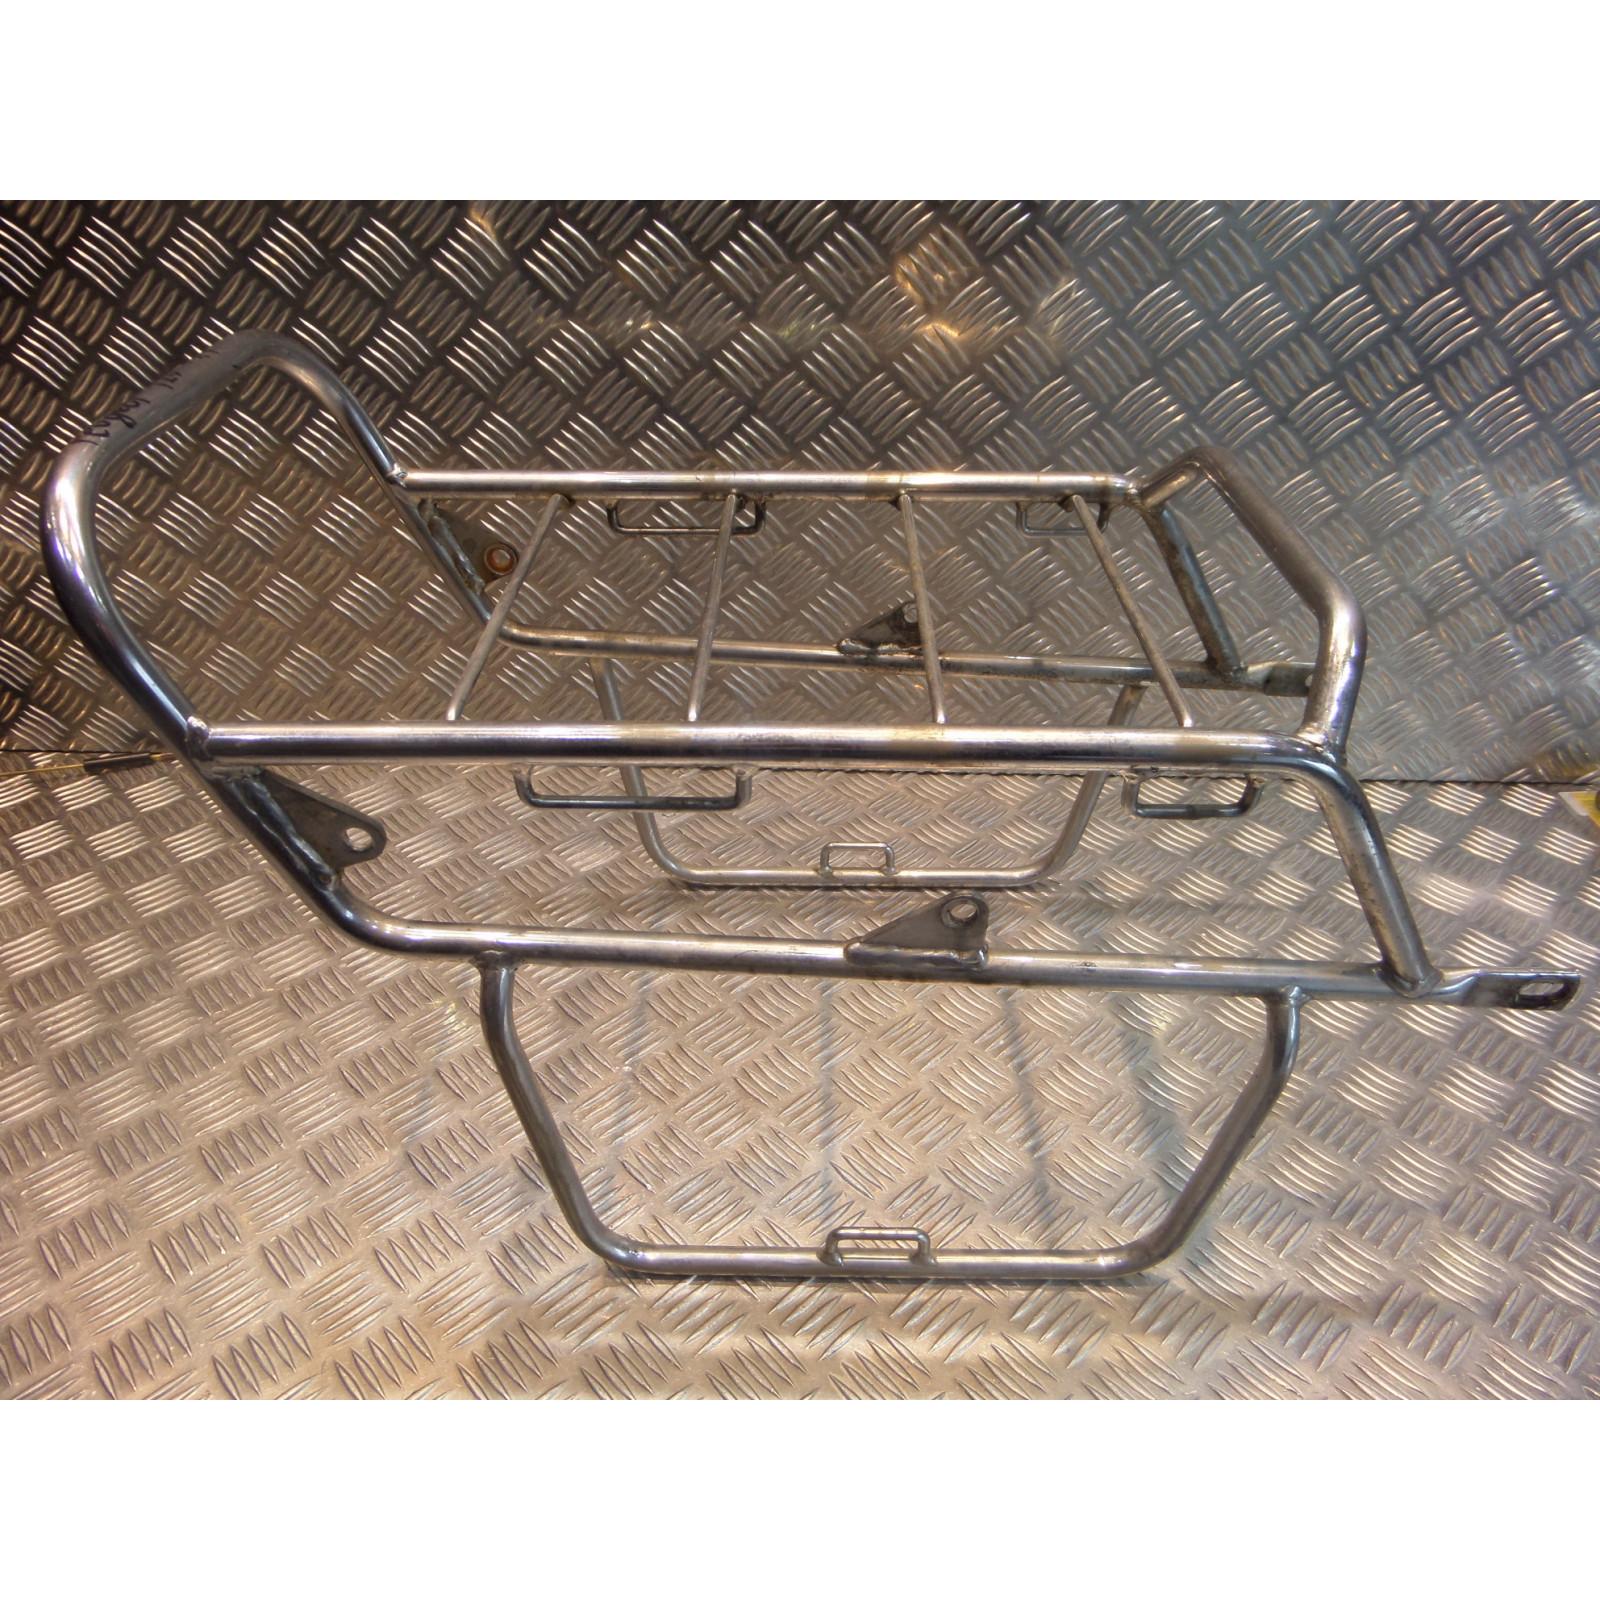 porte bagage paquet support top case moto peugeot 125 txt